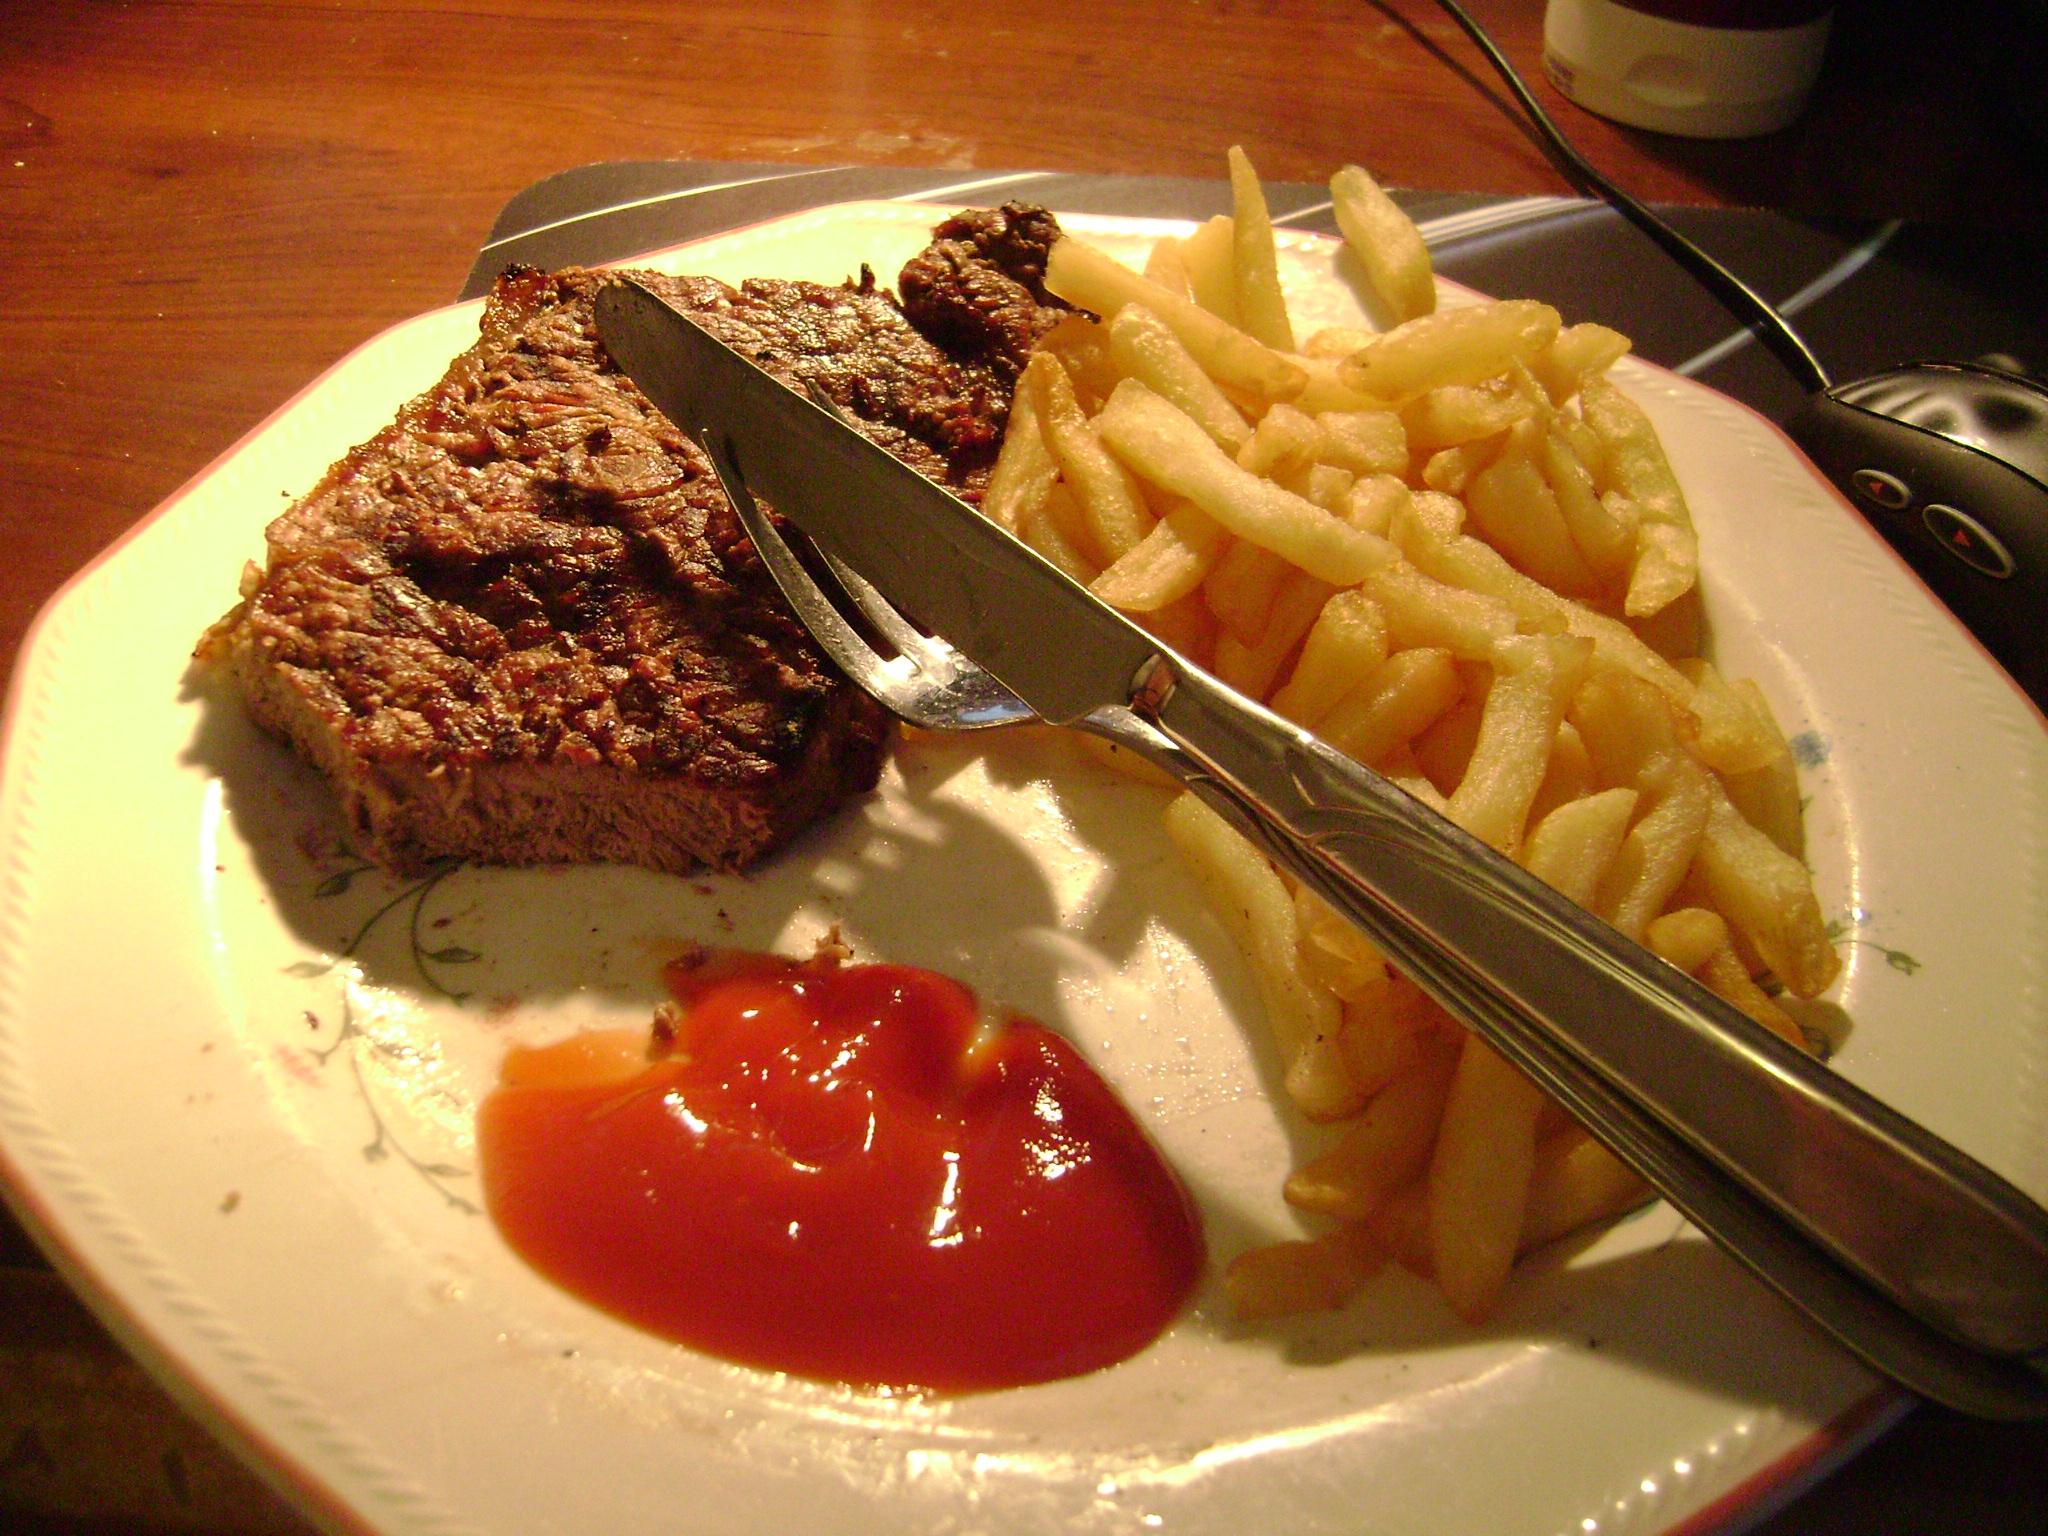 http://foodloader.net/belink_2009-04-16_BBQ_Steak_and_Chips.jpg